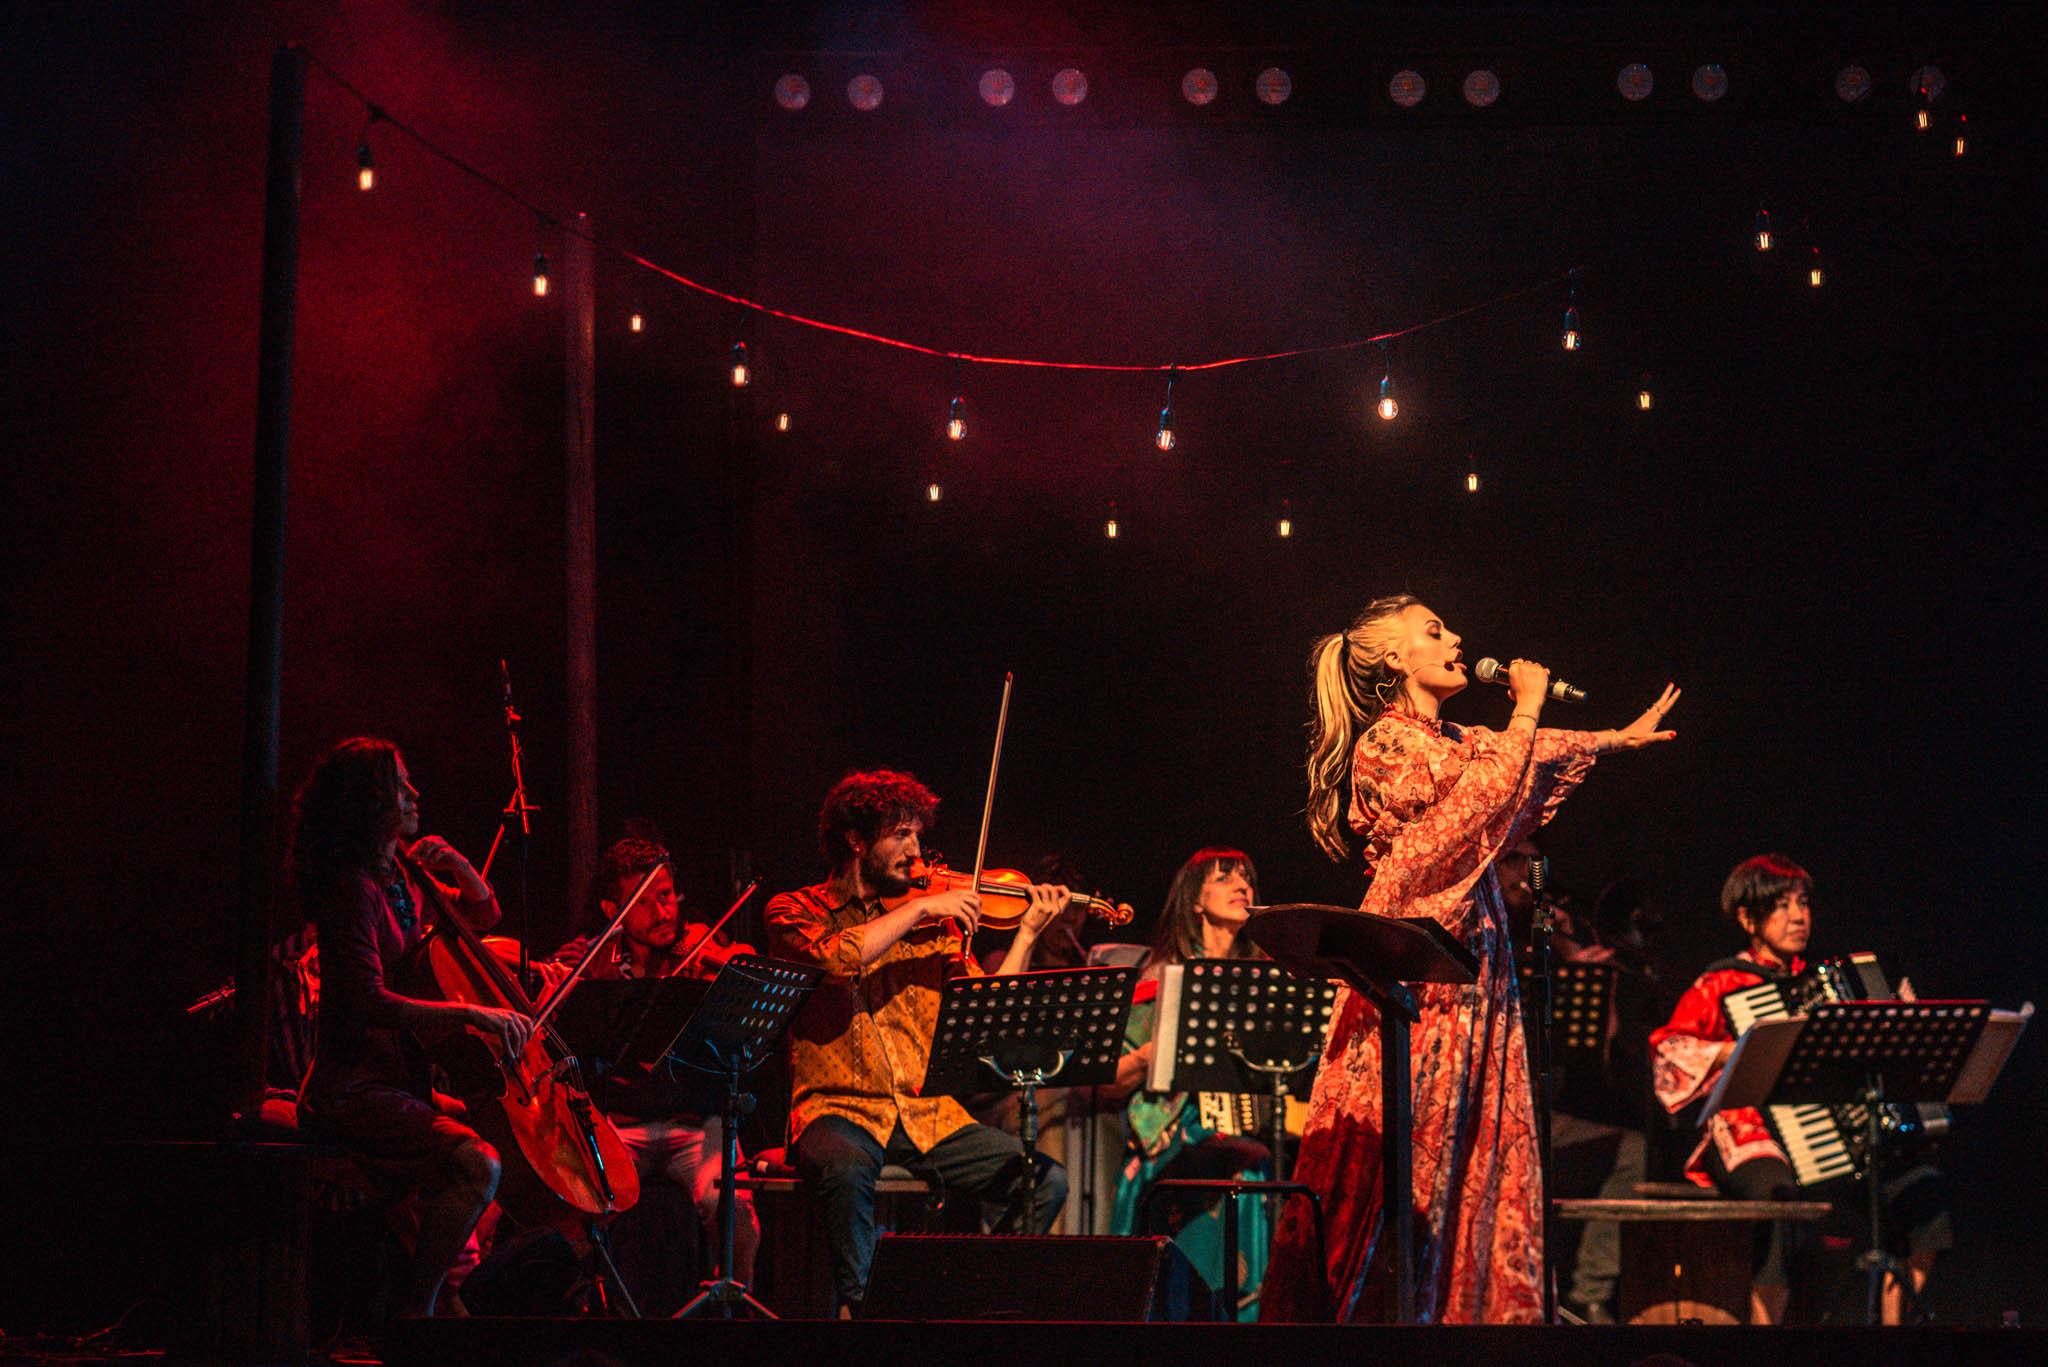 Teatro Franco Parenti - Storie della buonanotte per bambine ribelli il 13 luglio